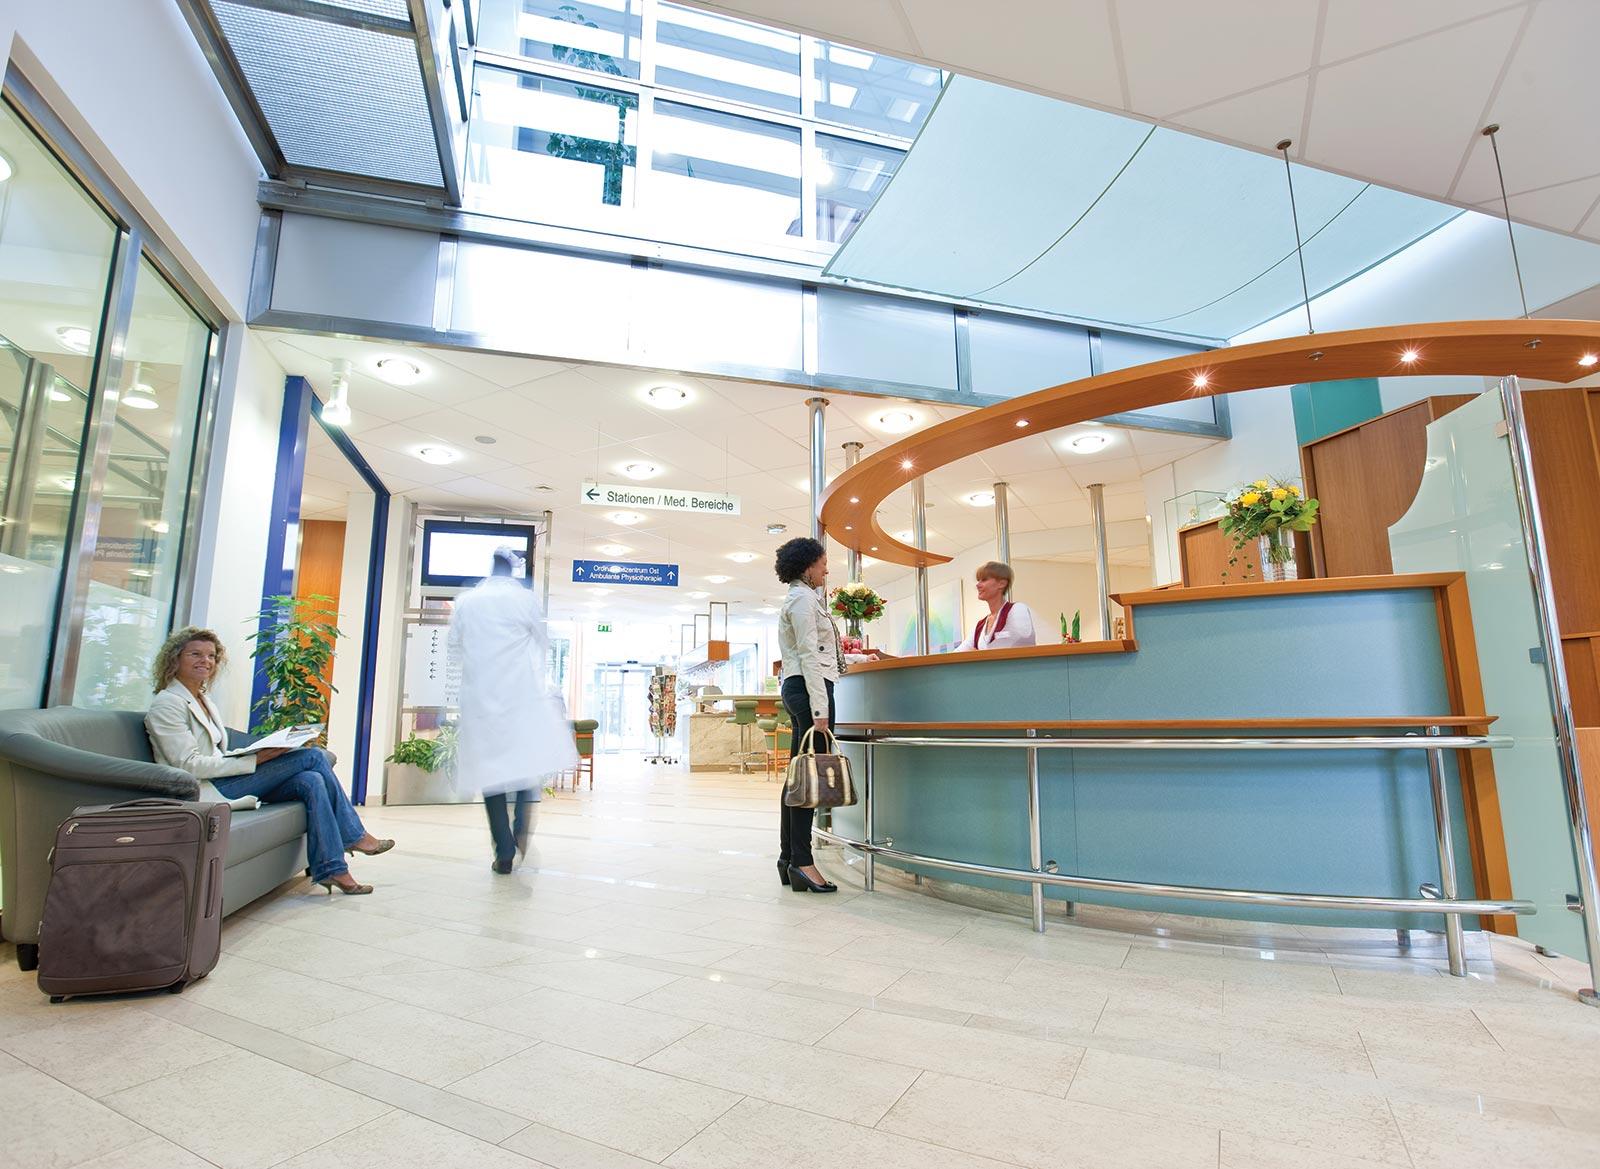 Дружественная атмосфера клиники «Ragnitz Emfang» сама по себе способствует выздоровлению